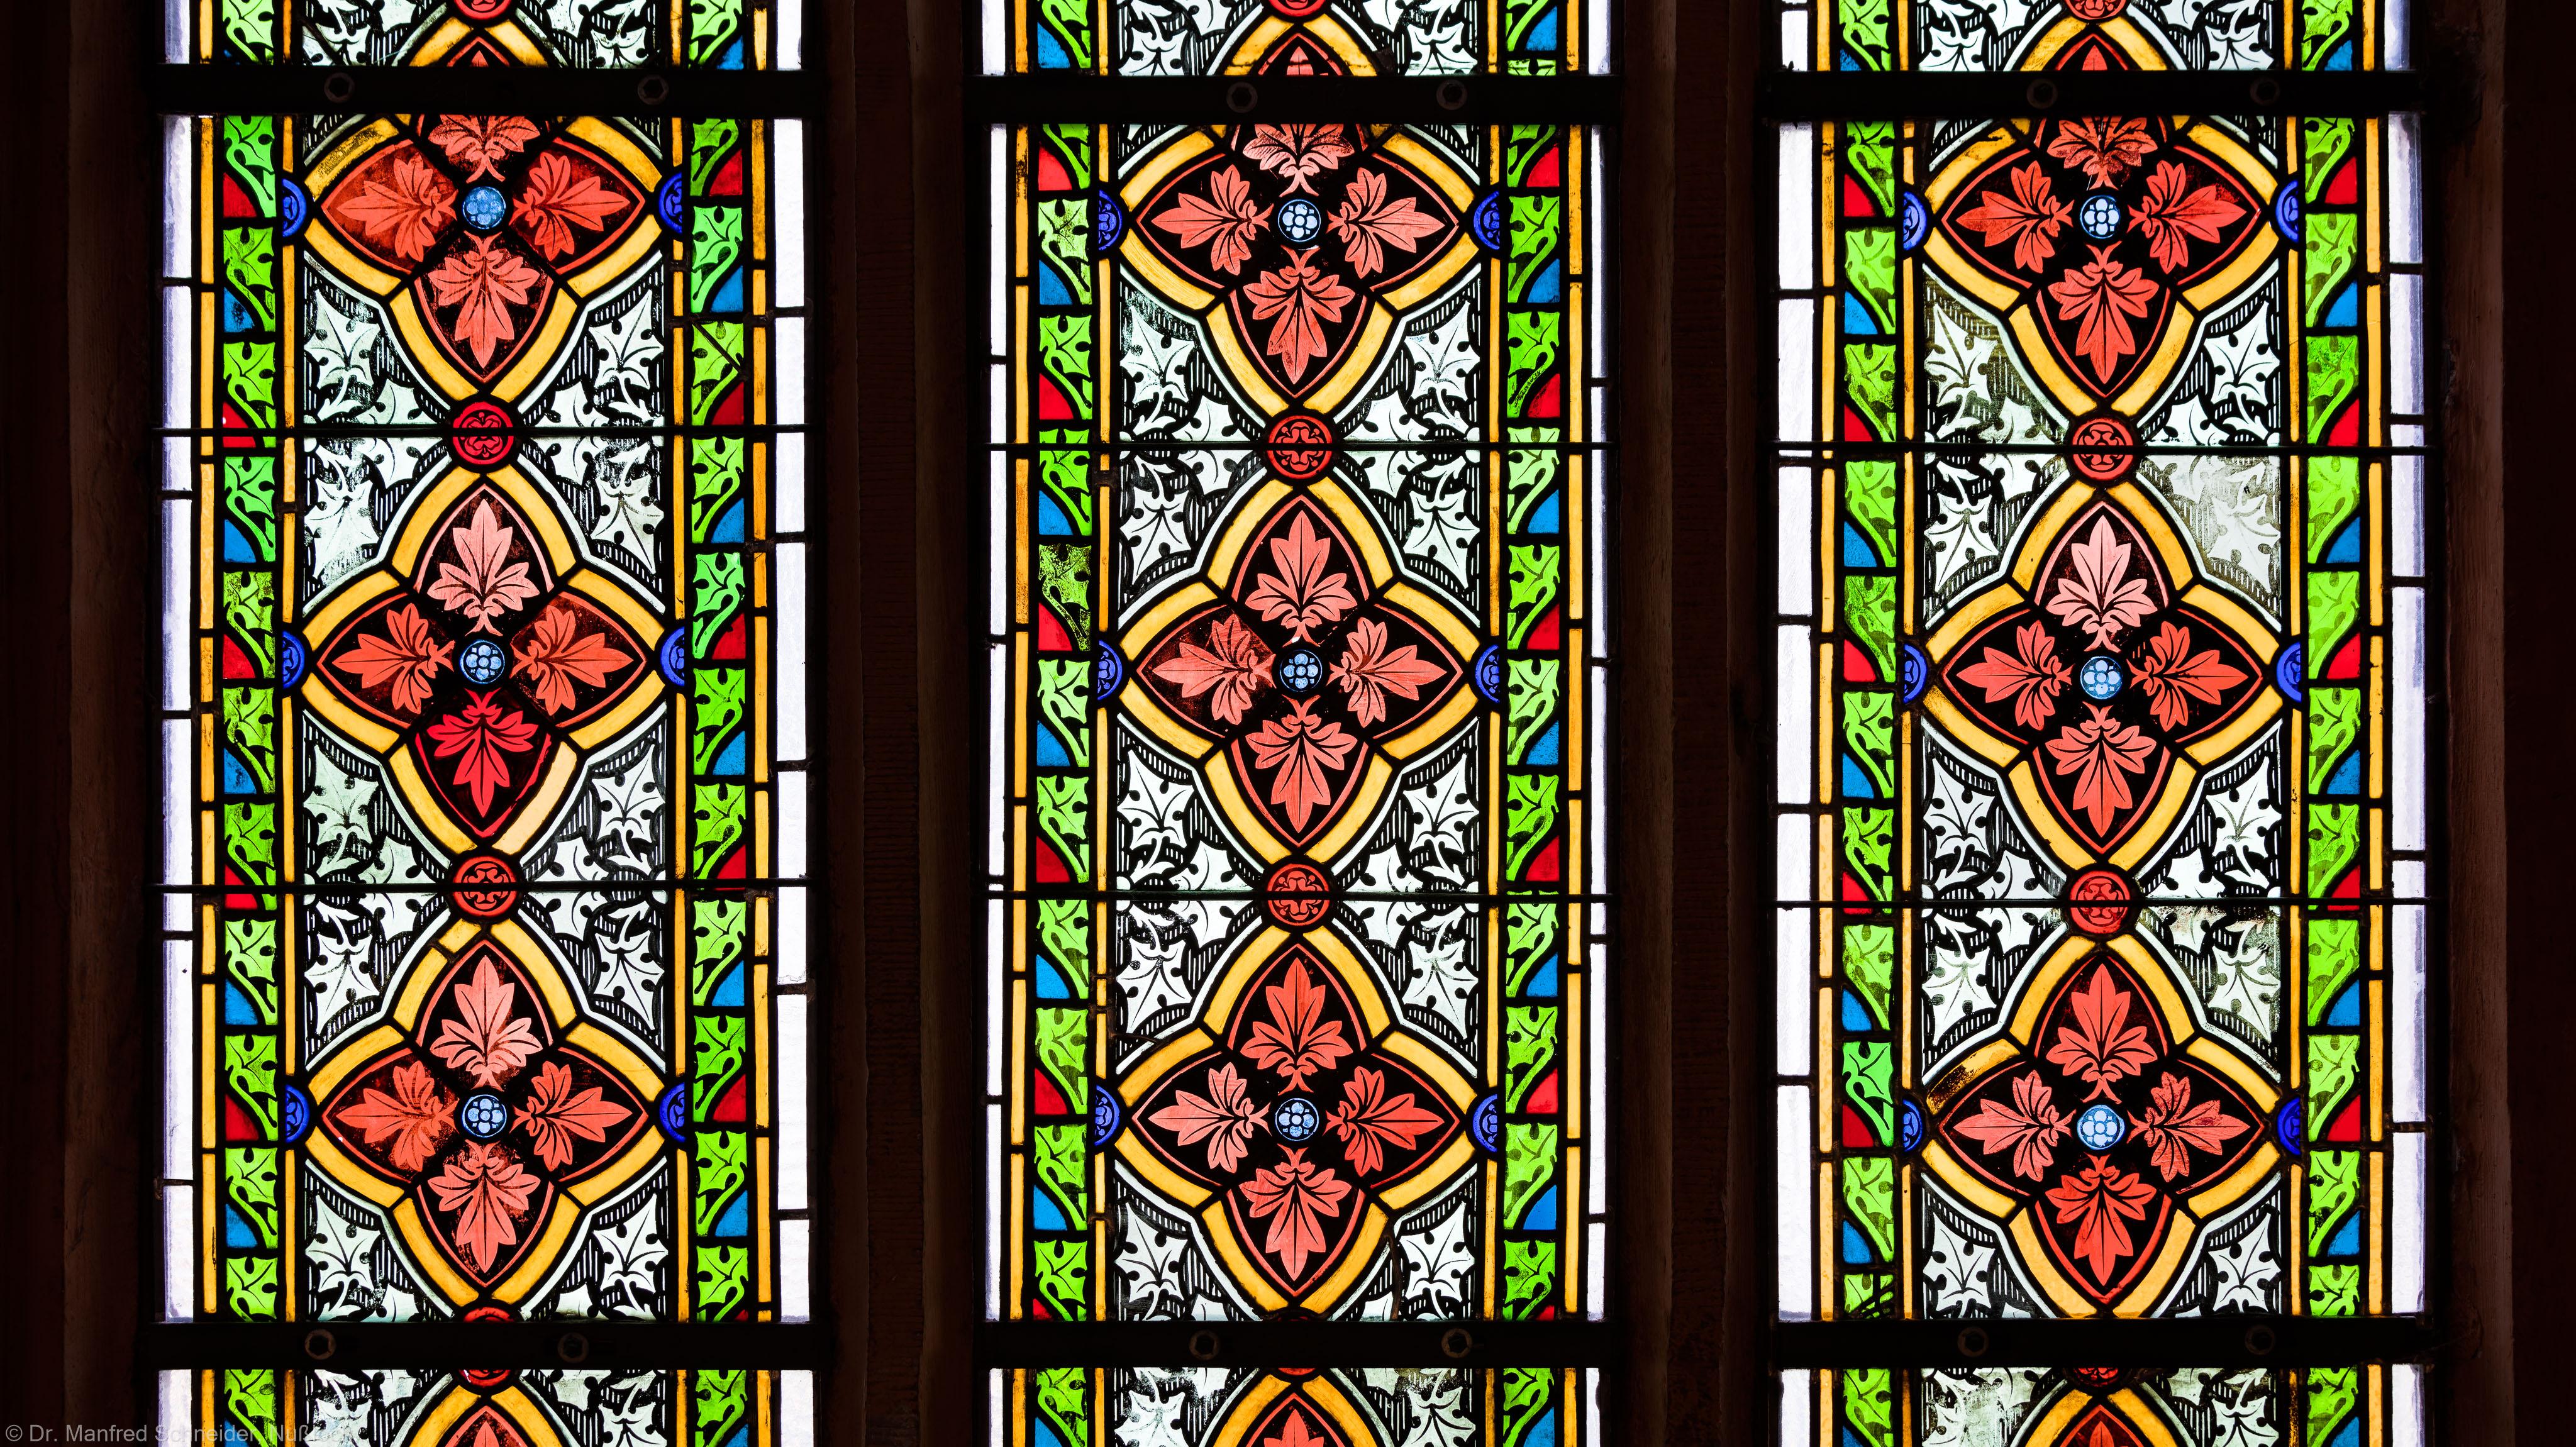 Heidelberg - Heiliggeistkirche - Südschiff - 2. Joch, von Westen aus gezählt - Felder (dritte Zeile) des Ornamentfensters (aufgenommen im Oktober 2015, am Nachmittag)